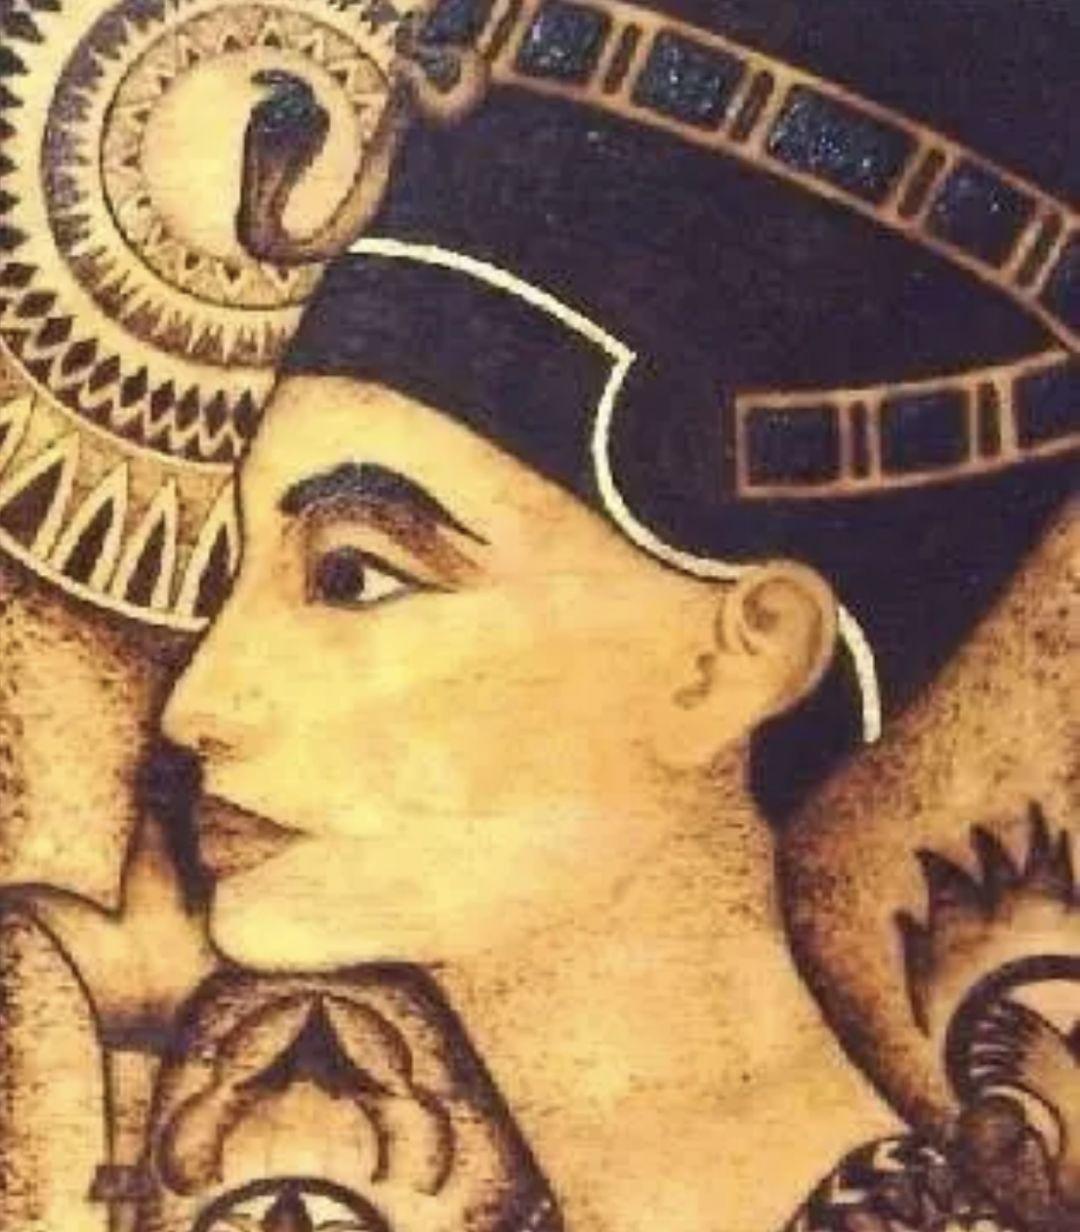 罗马女人嫩穴_在古埃及,有权利的女人才有资格接近蛇.